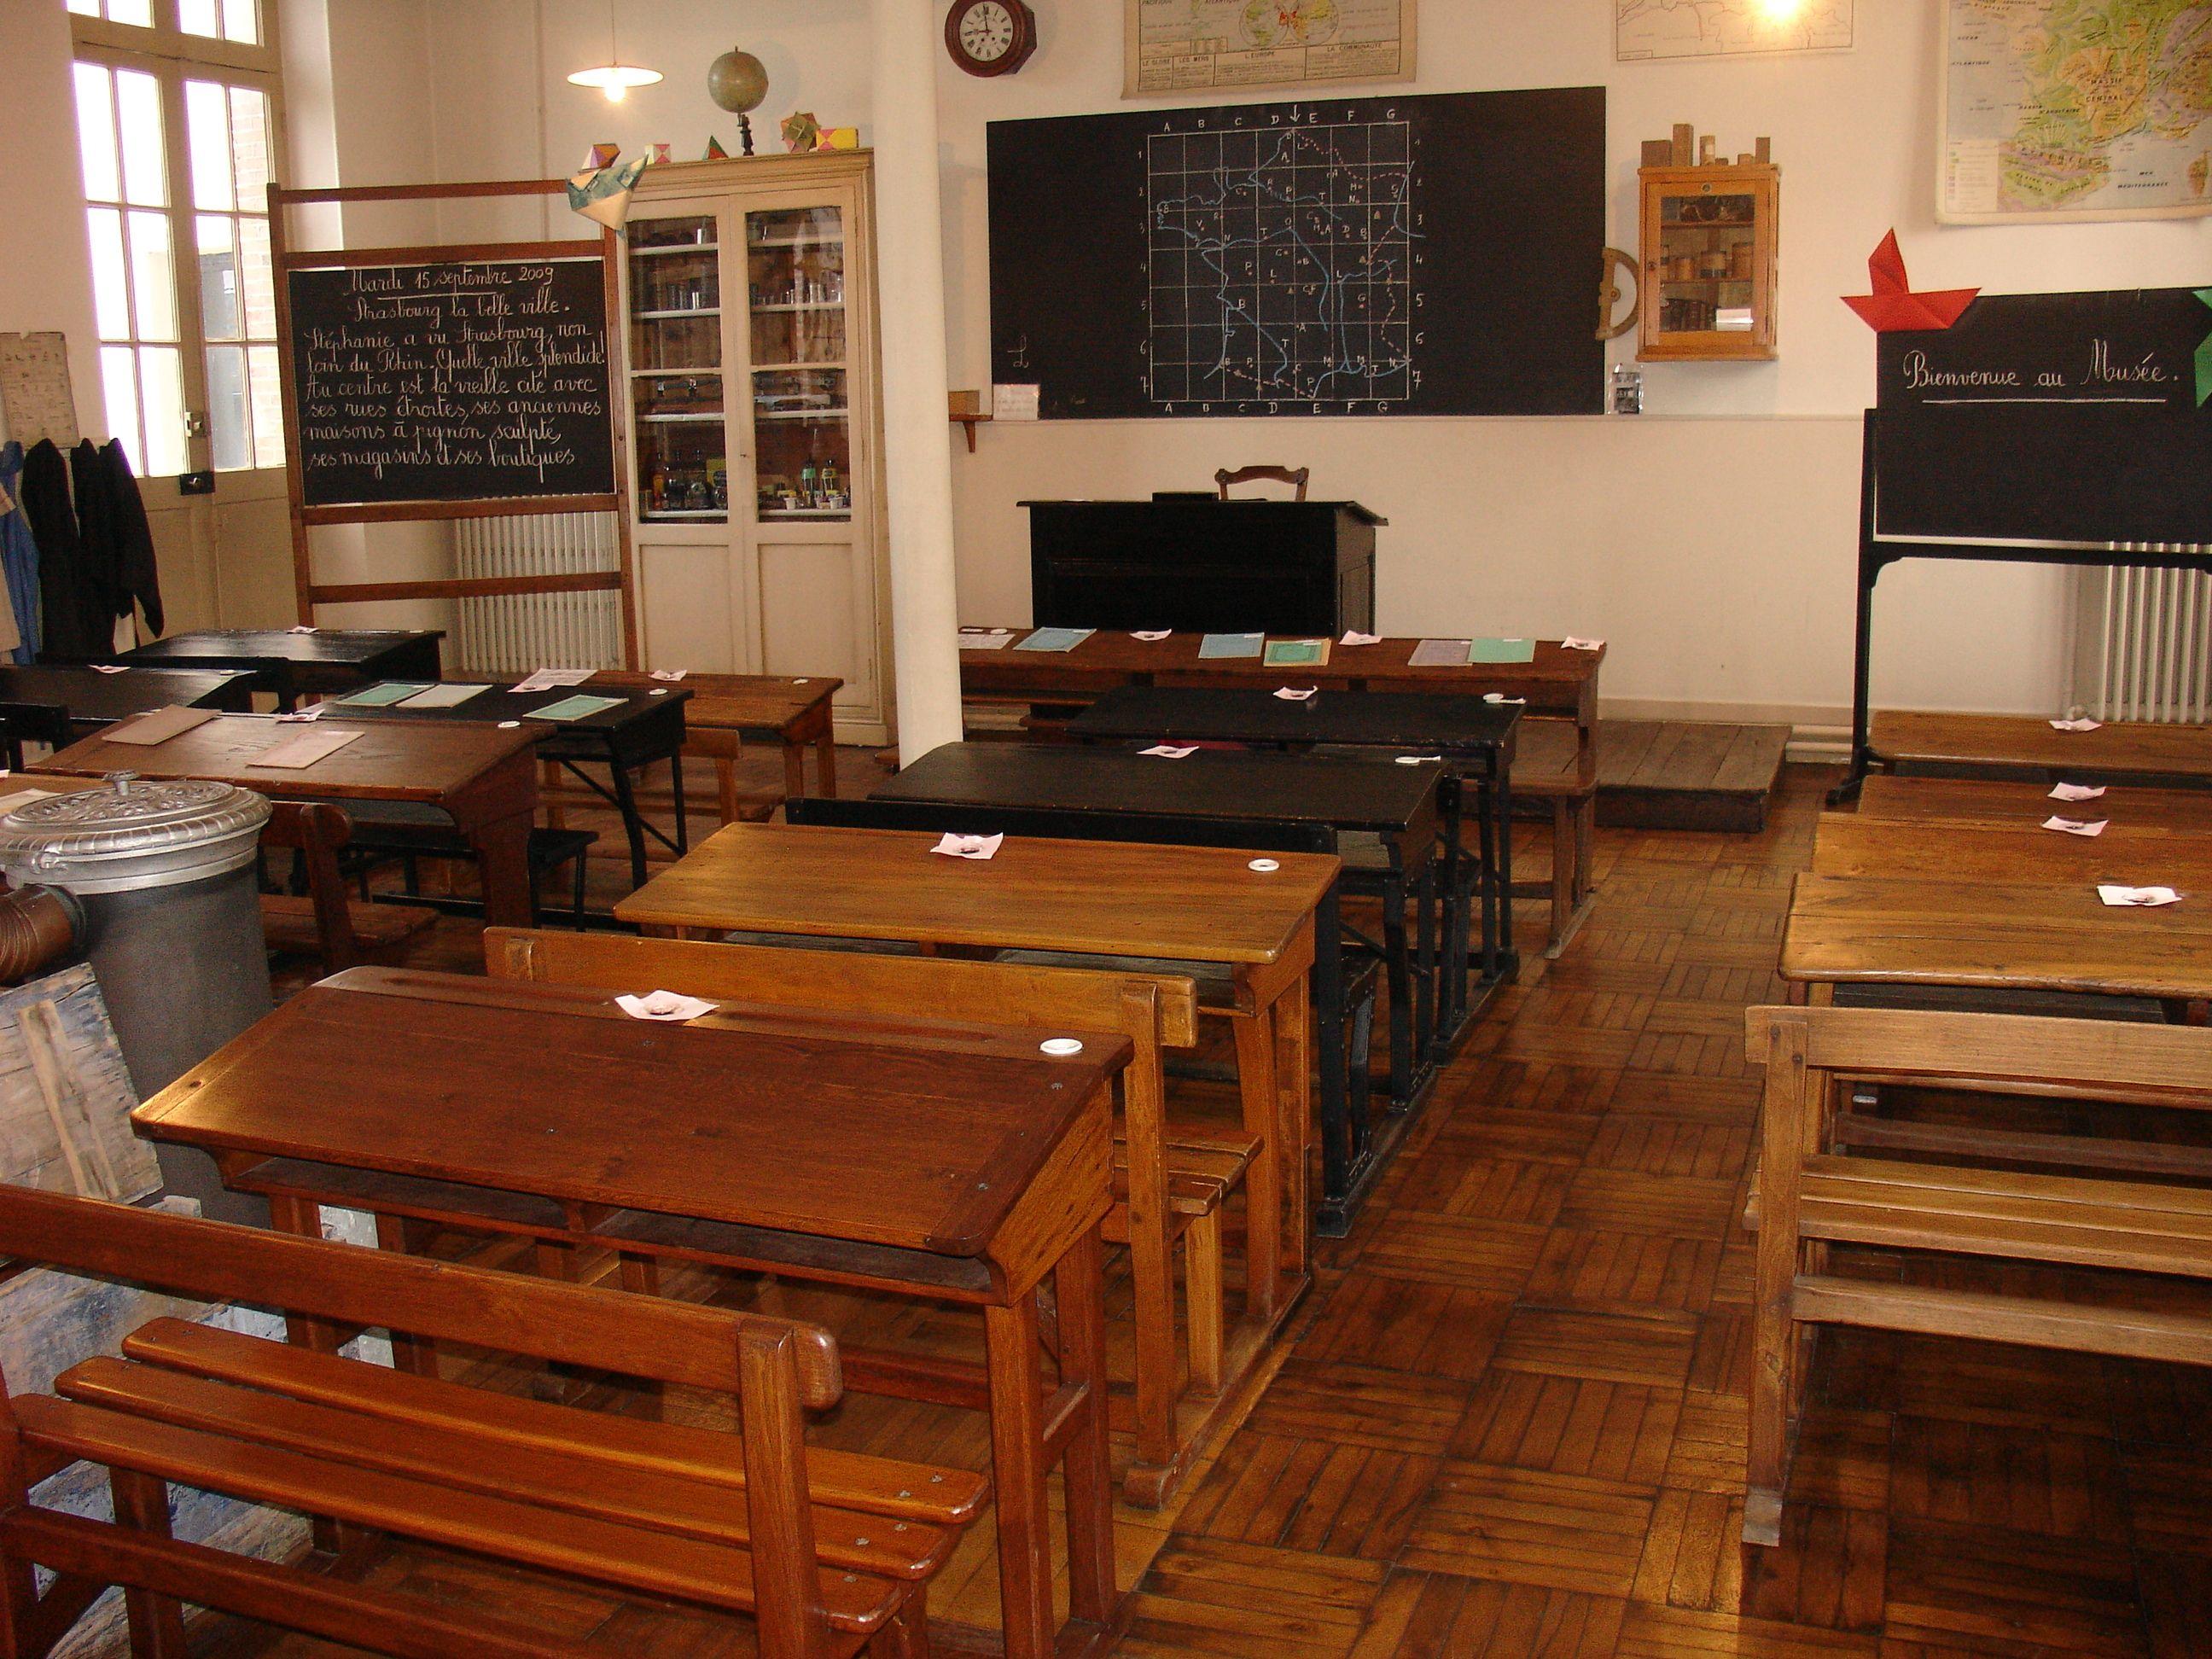 Amateurs D Arts Esprits Curieux Collectionneurs Ouvrez Les Portes Des Musees Office De Tourisme De Montargis Ecole D Autrefois Ecole Vieille Ecole